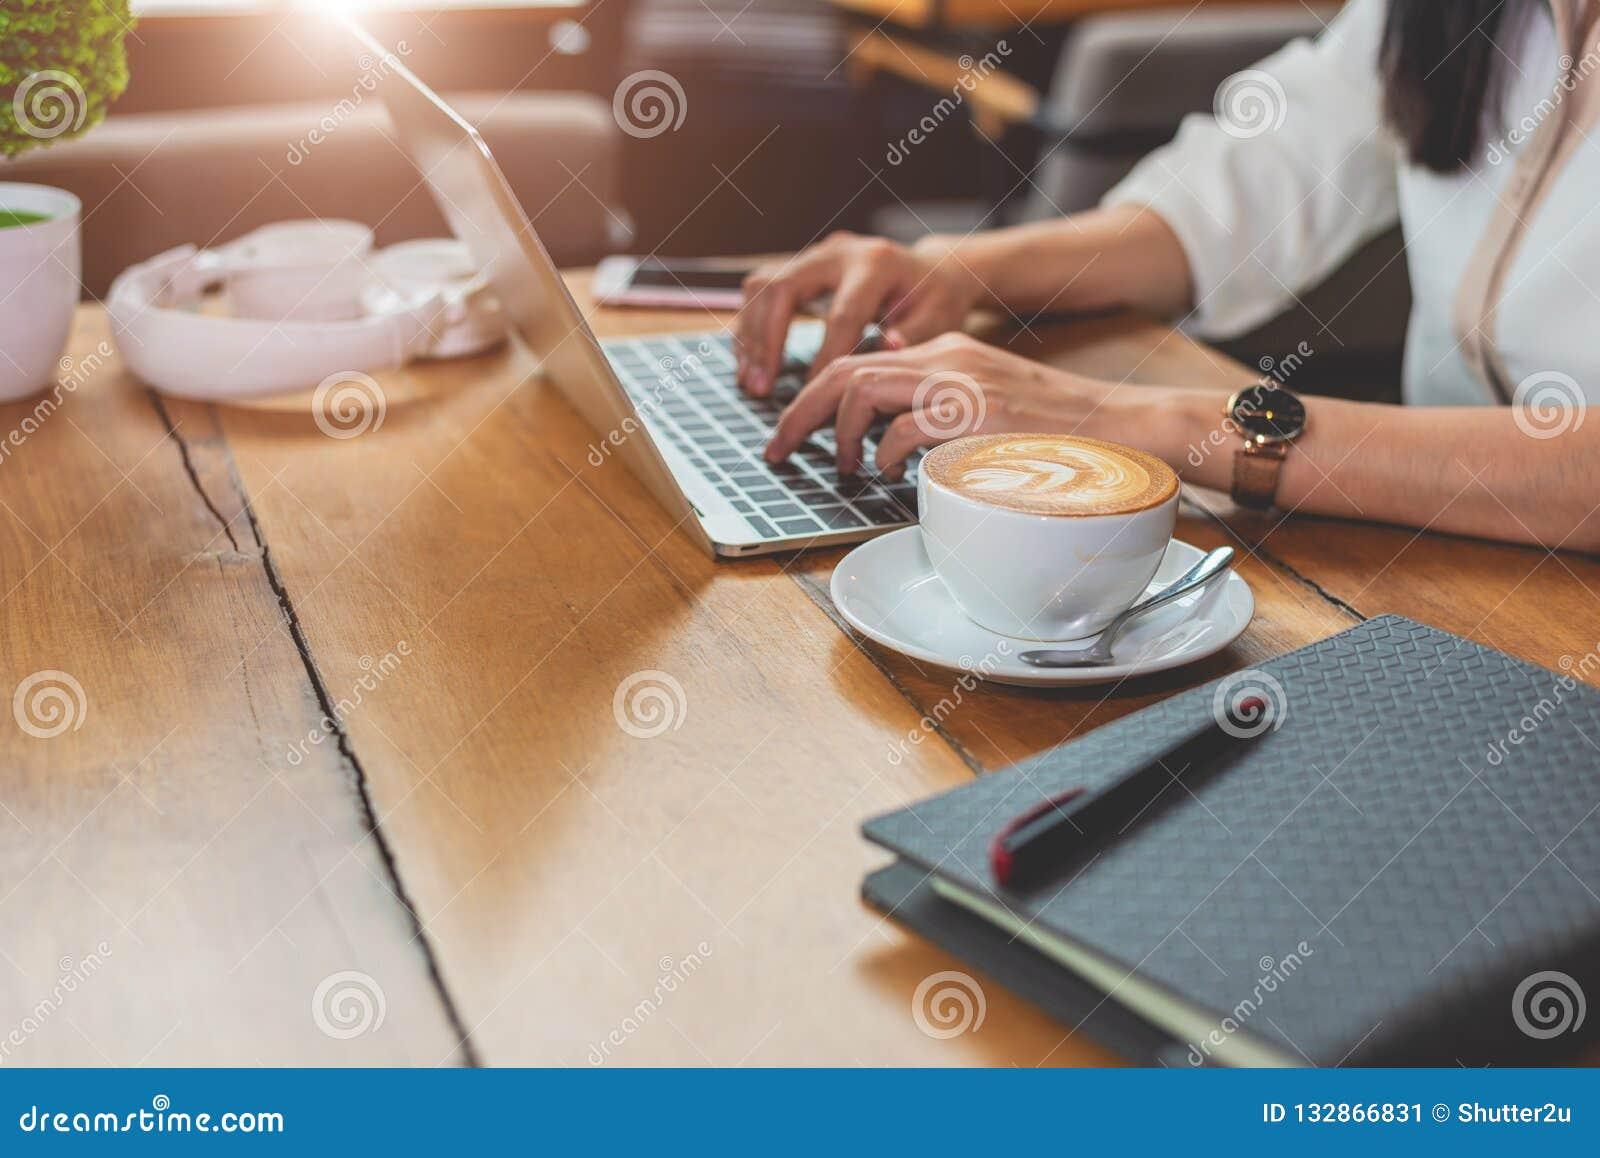 Sluit omhoog van vrouw het typen toetsenbord op laptop in koffiewinkel peop